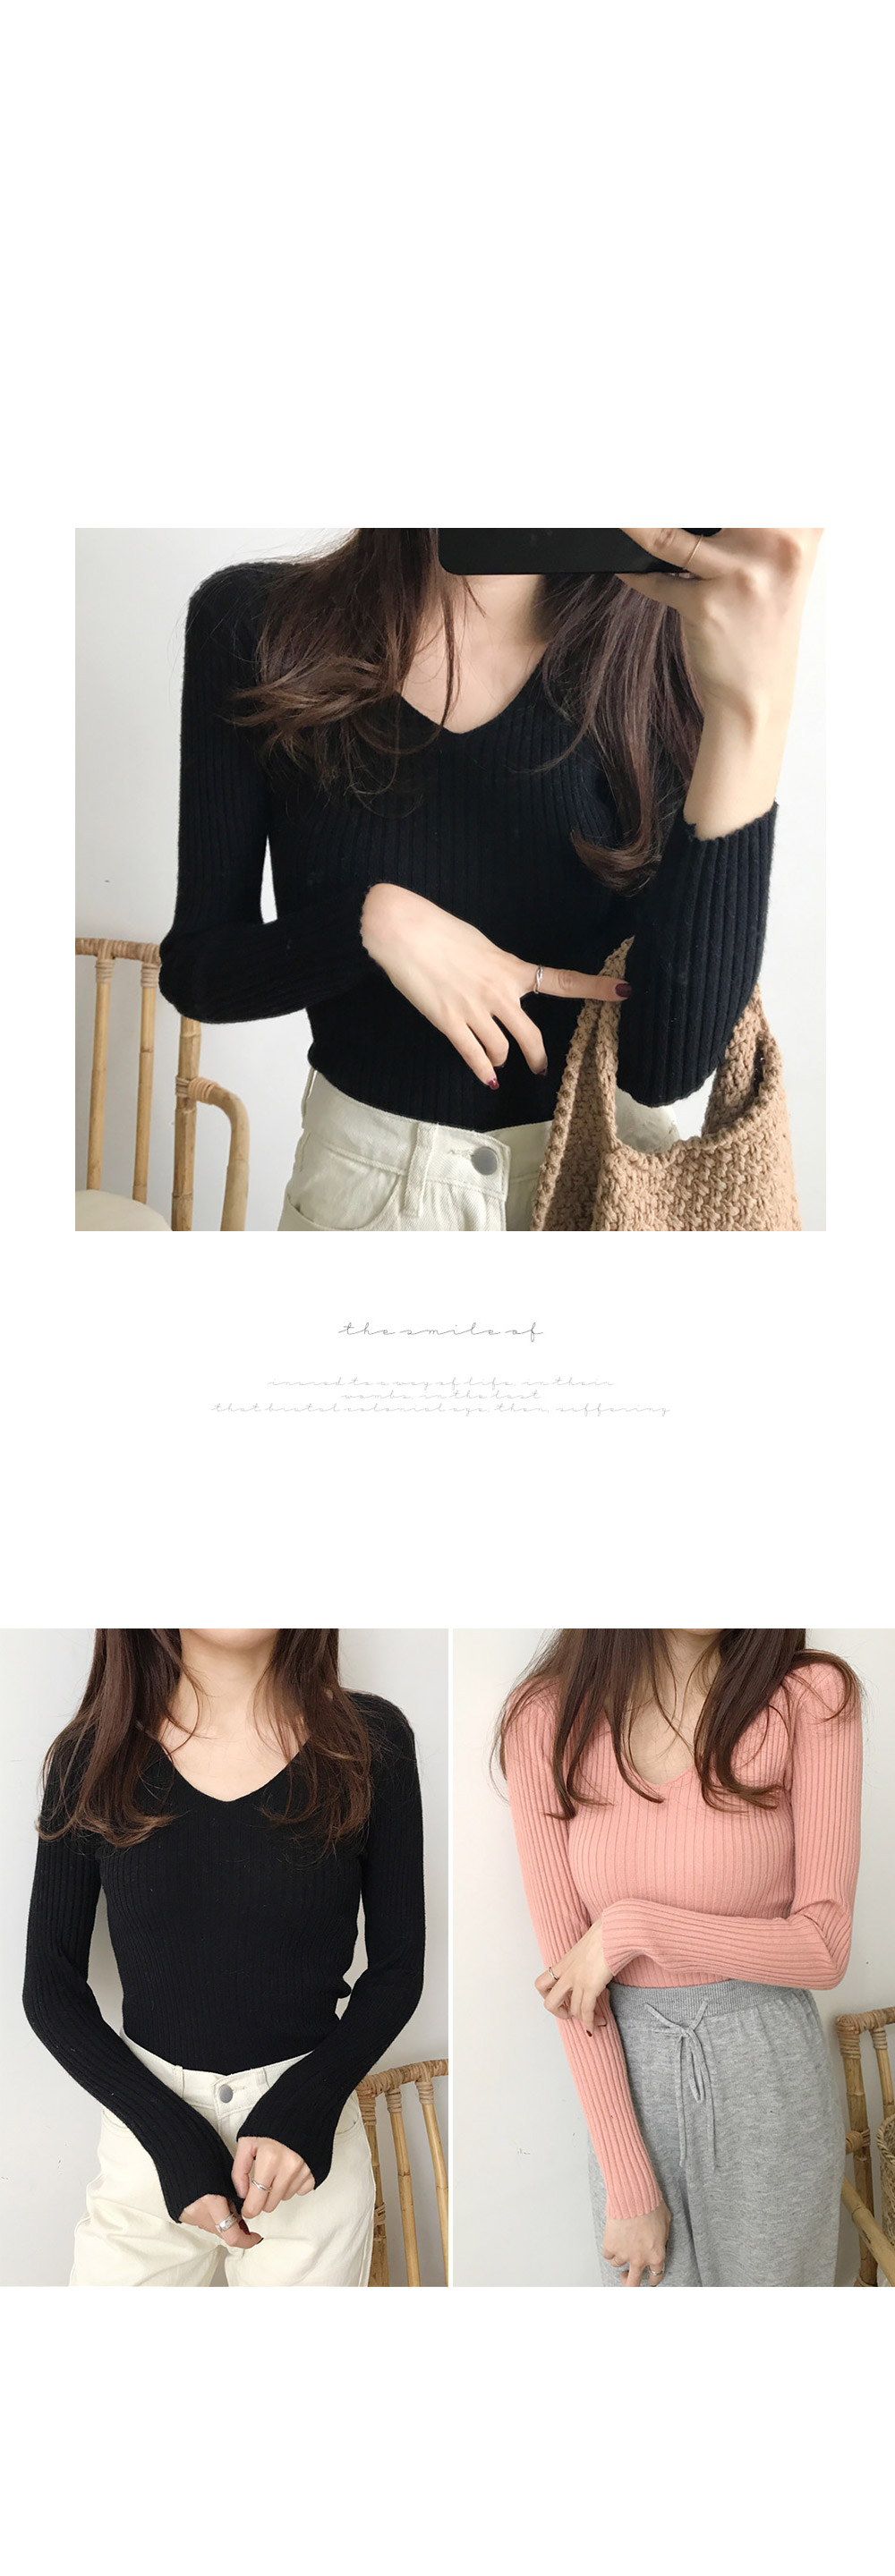 겟잇미 골지 브이넥 슬림 쫄티 - 겟잇미, 14,130원, 상의, 니트/스웨터